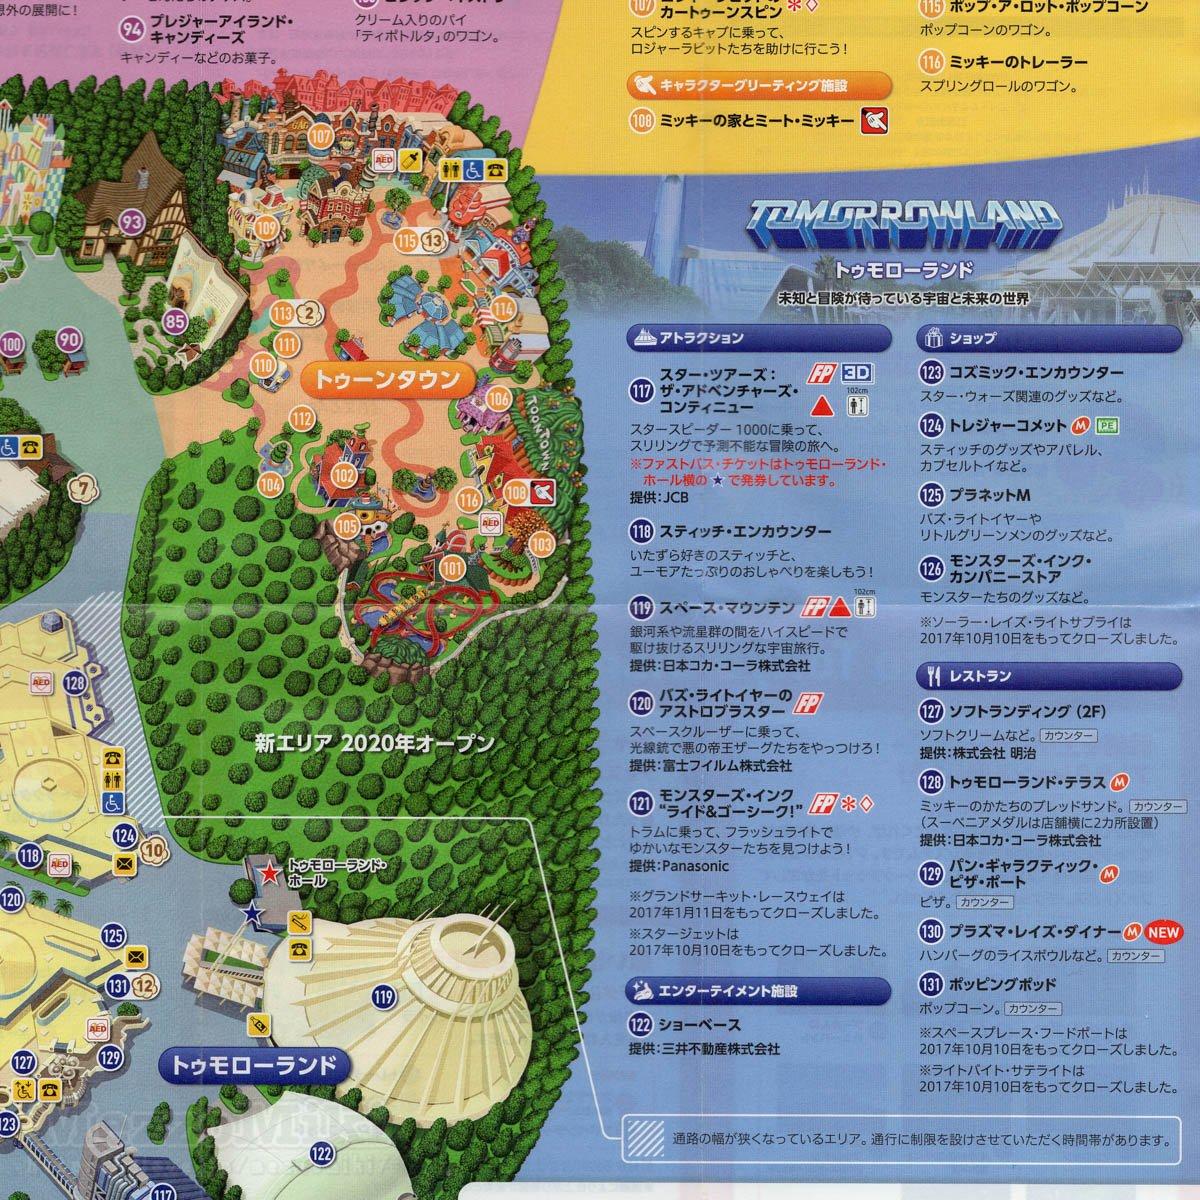 スタージェットがクローズした10月11日からの東京ディズニーランドの新MAP 新エリア2020年オープンの文字が登場しています dlove.jp/mezzomiki/